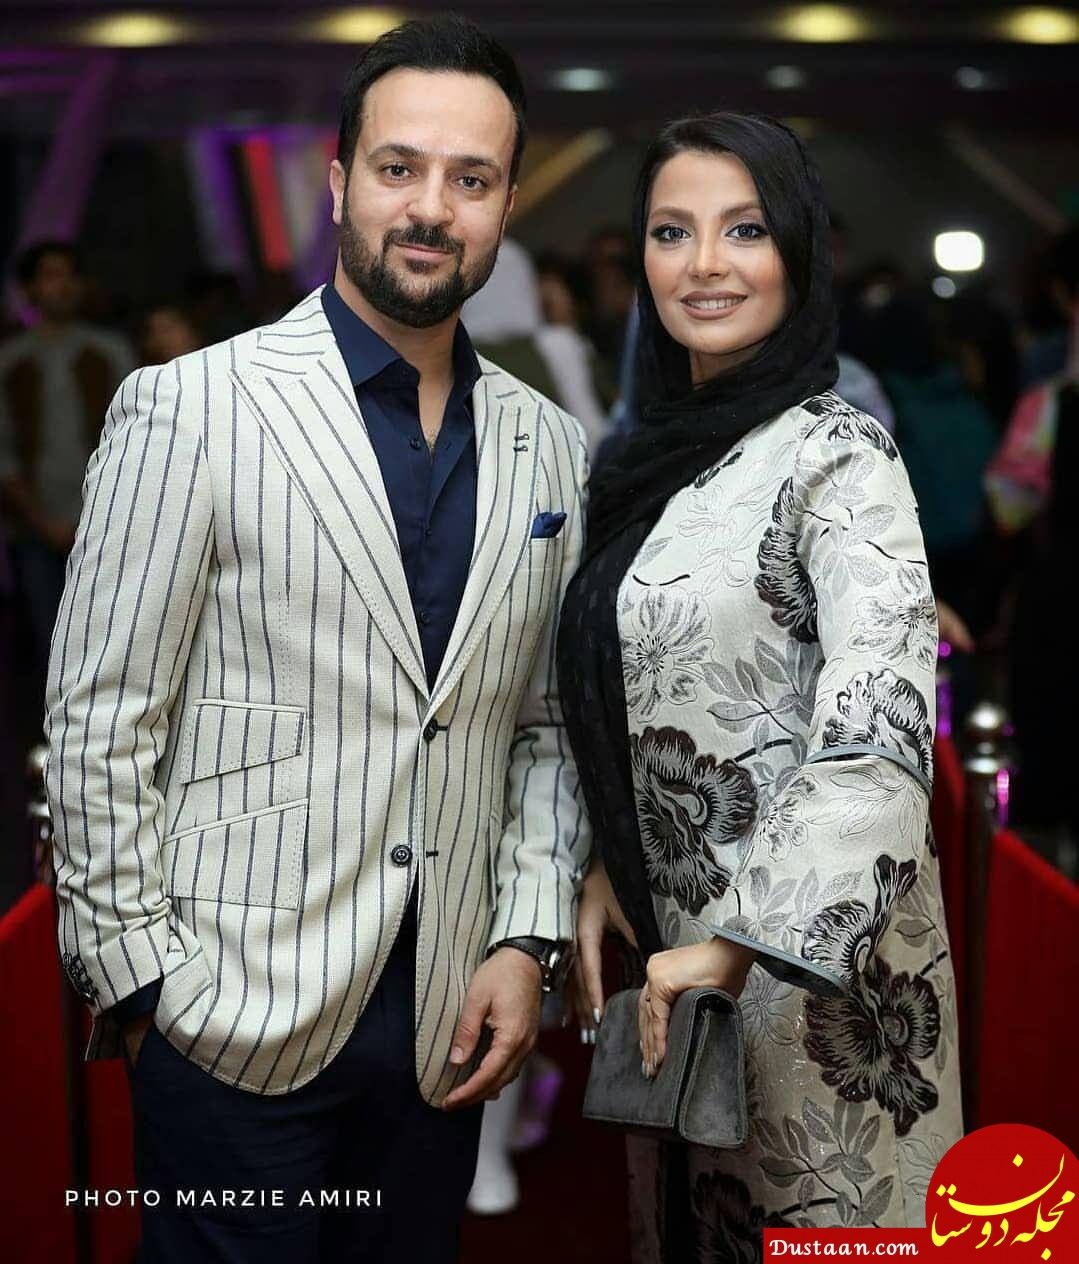 بیوگرافی و عکس های دیدنی احمد مهرانفر و همسرش مونا فائض پور - مجله ...